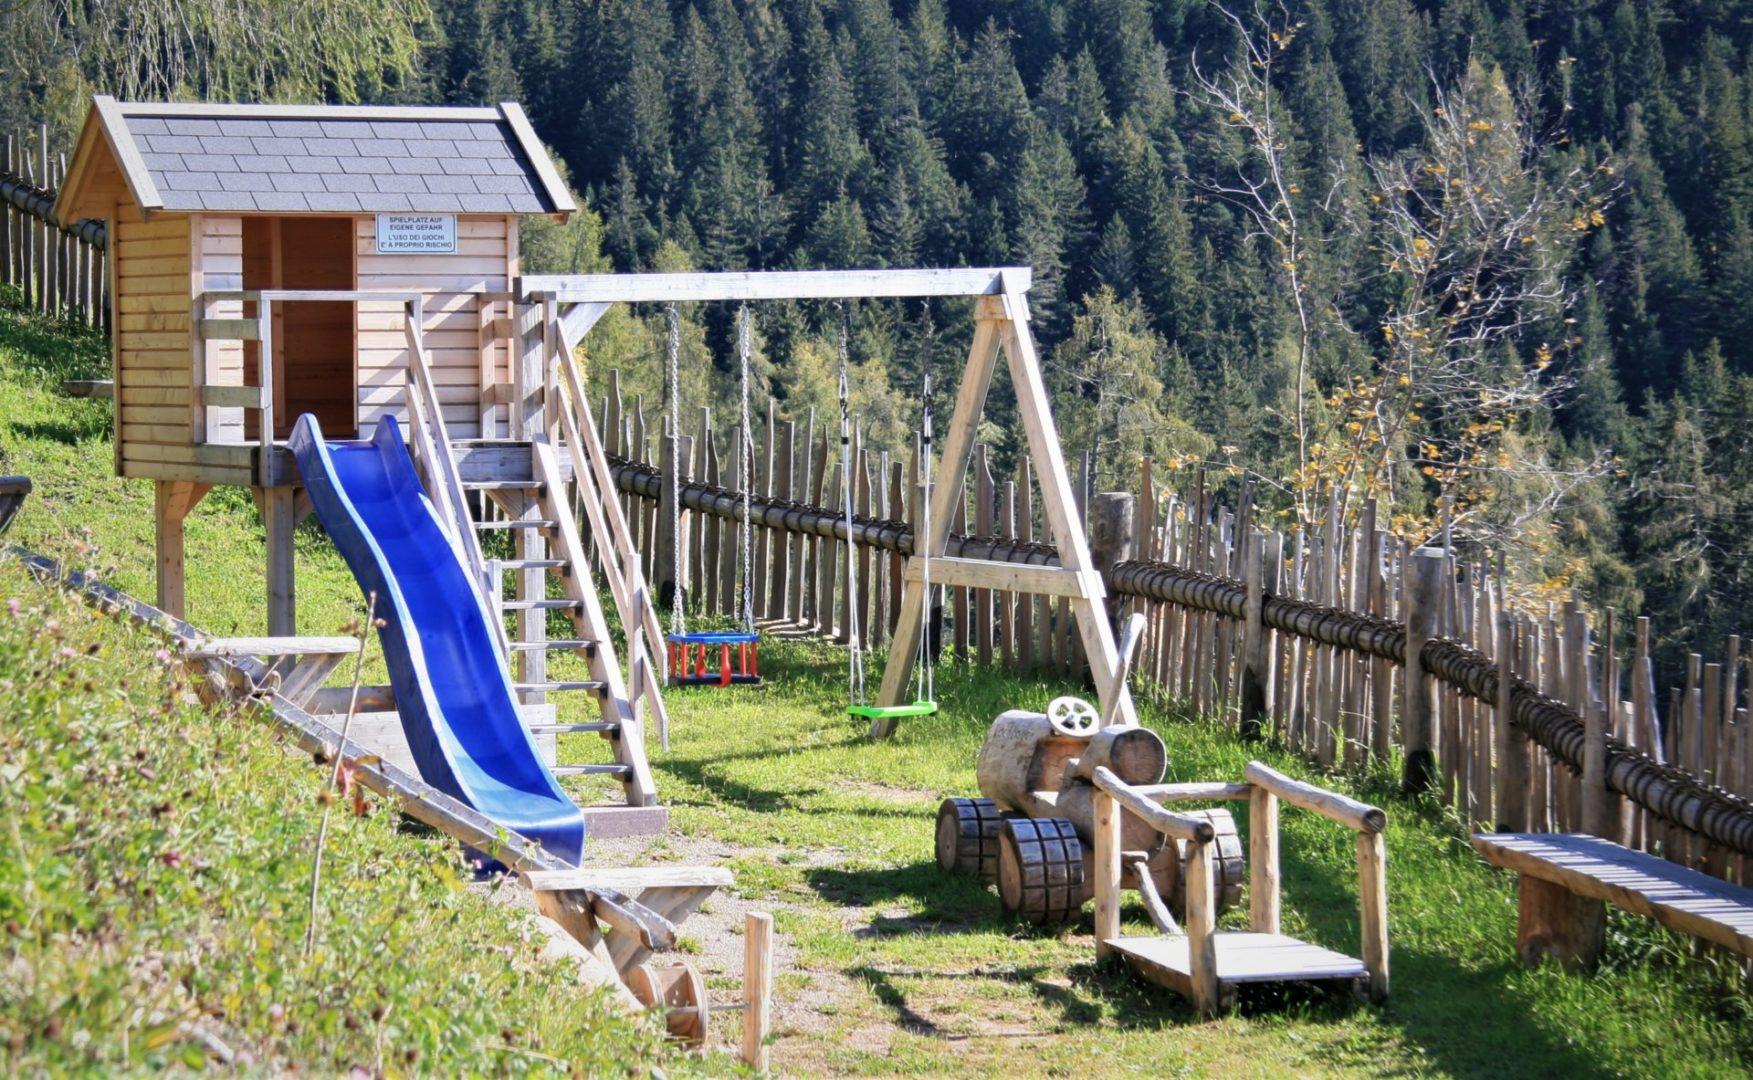 Spielplatz1 scaled - Unser Hof